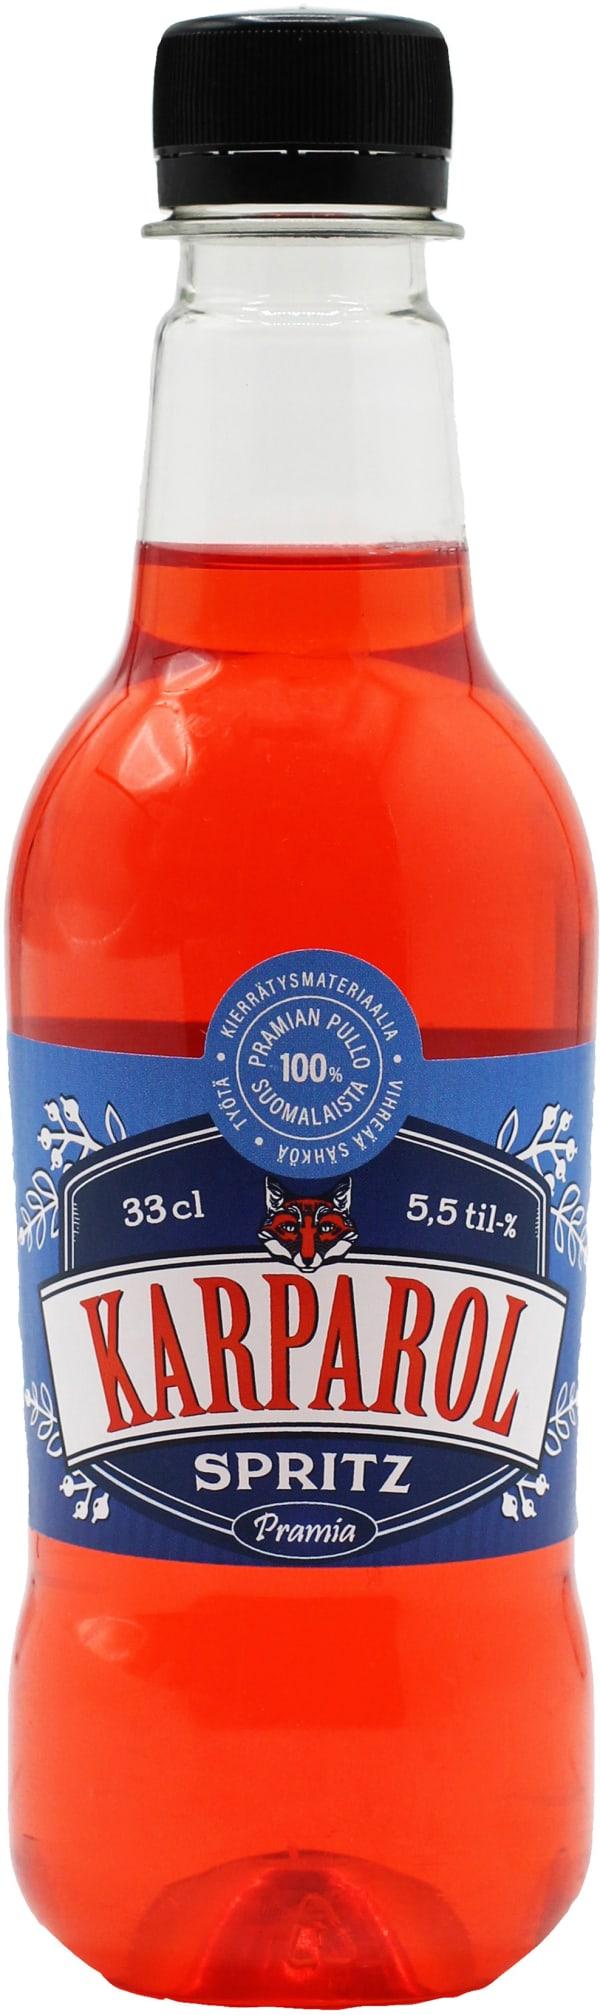 Karparol Spritzer plastic bottle